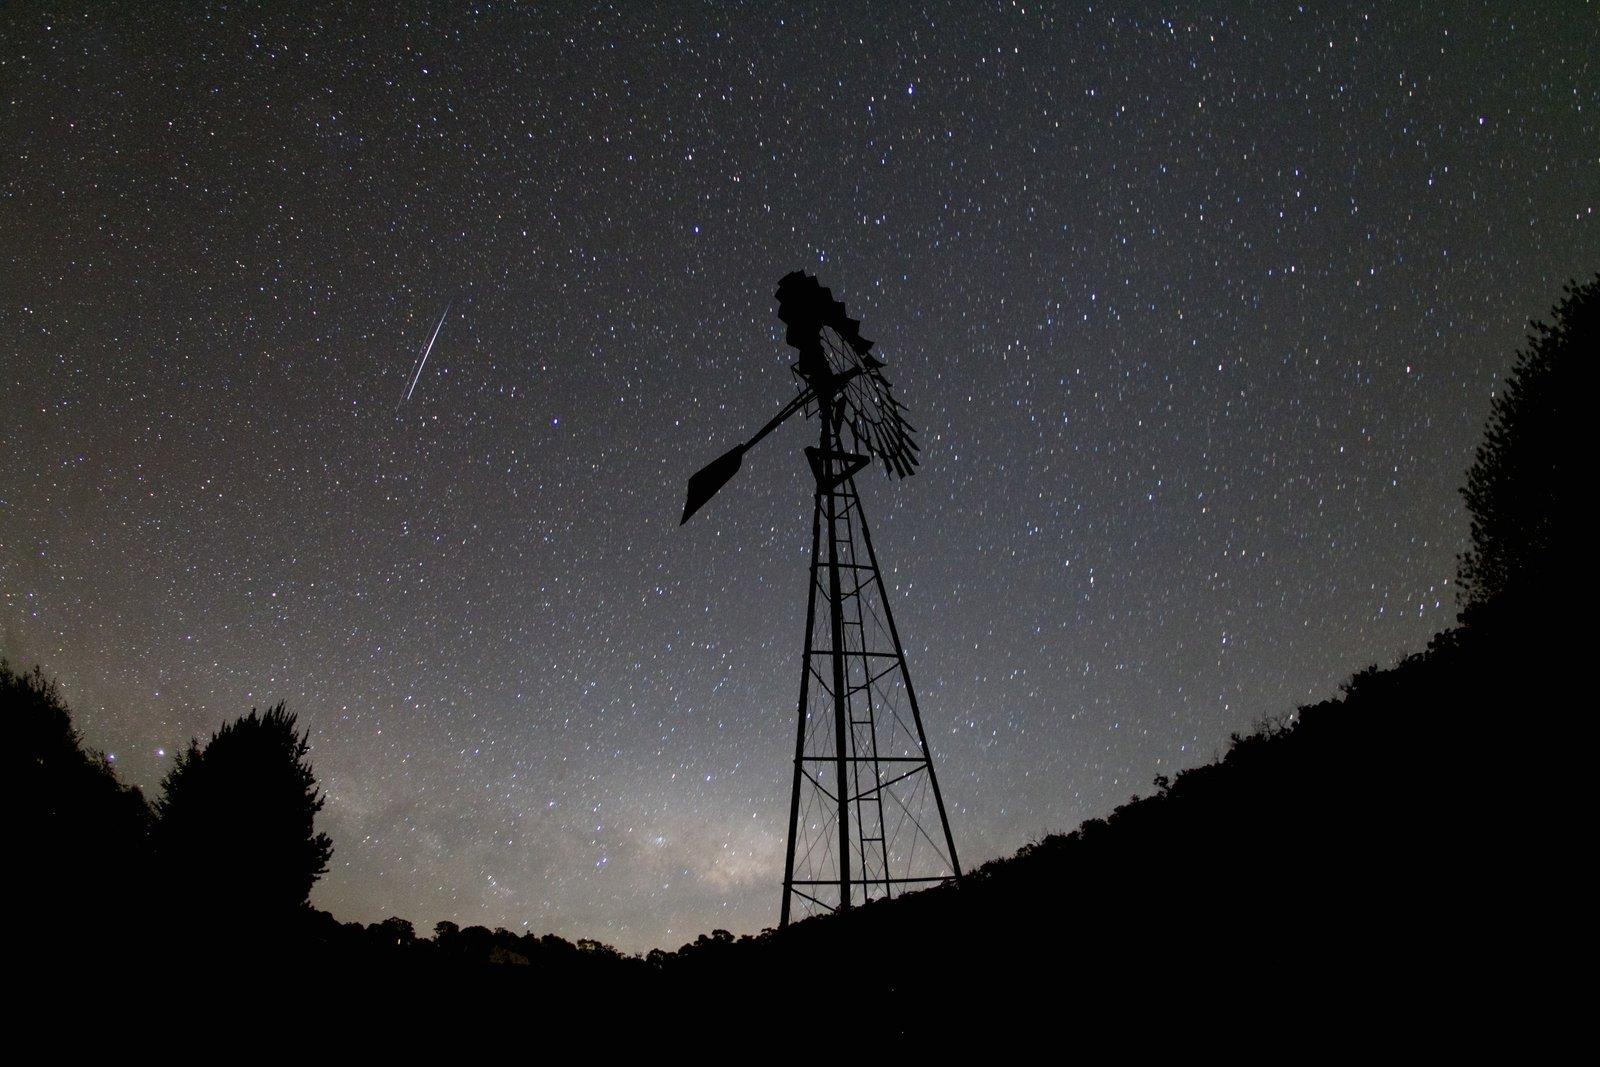 night time windmill